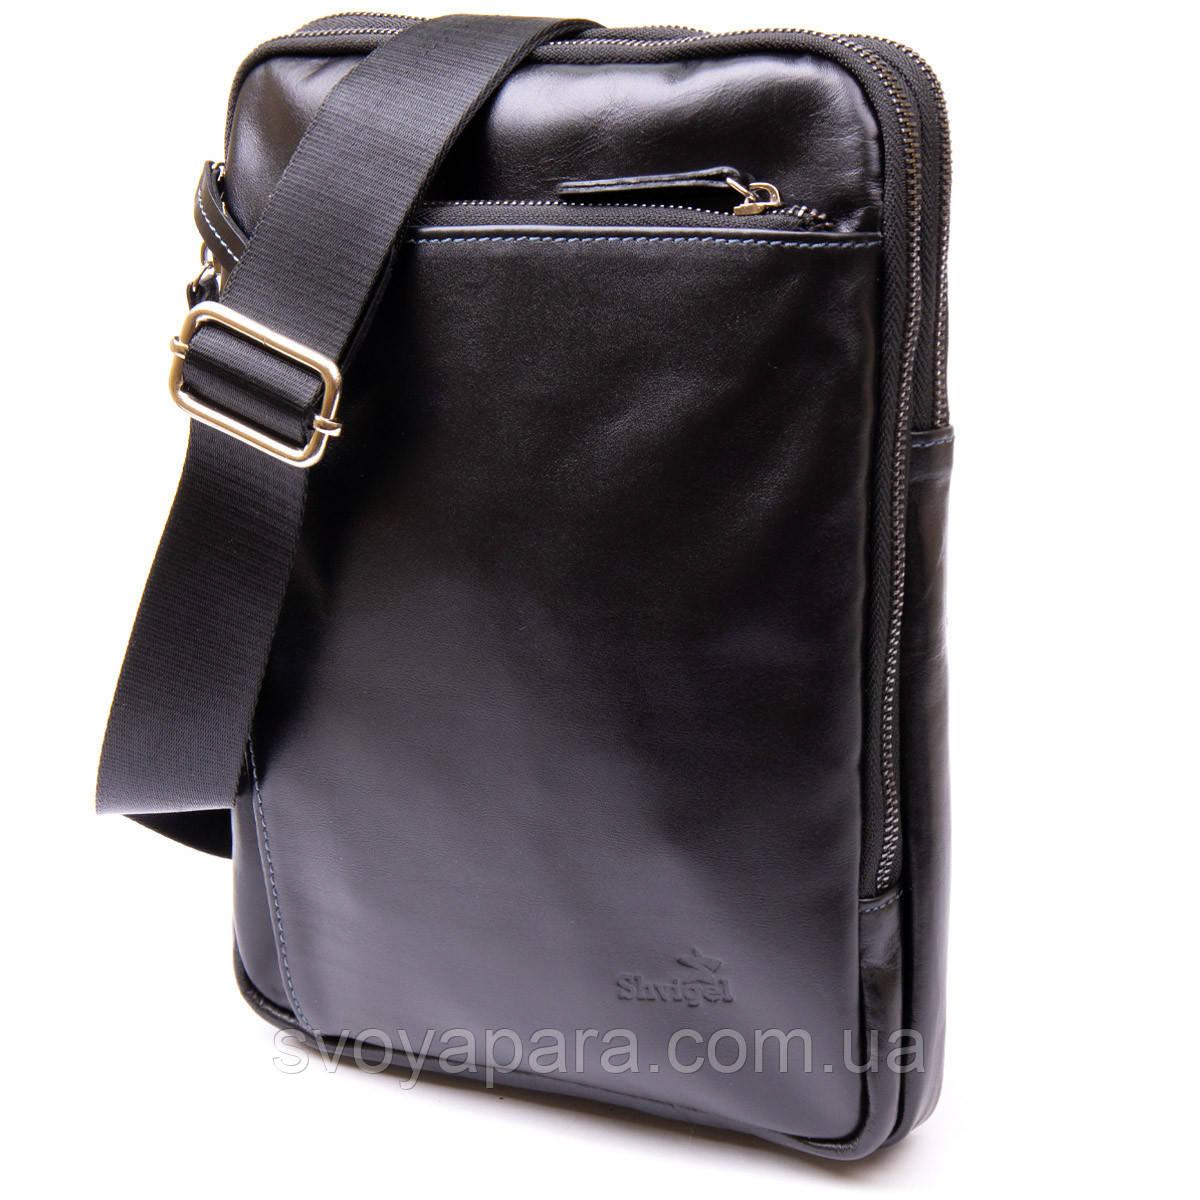 Чоловіча сумка планшет з накладною кишенею на блискавці гладкій шкірі 11281 SHVIGEL, Чорна